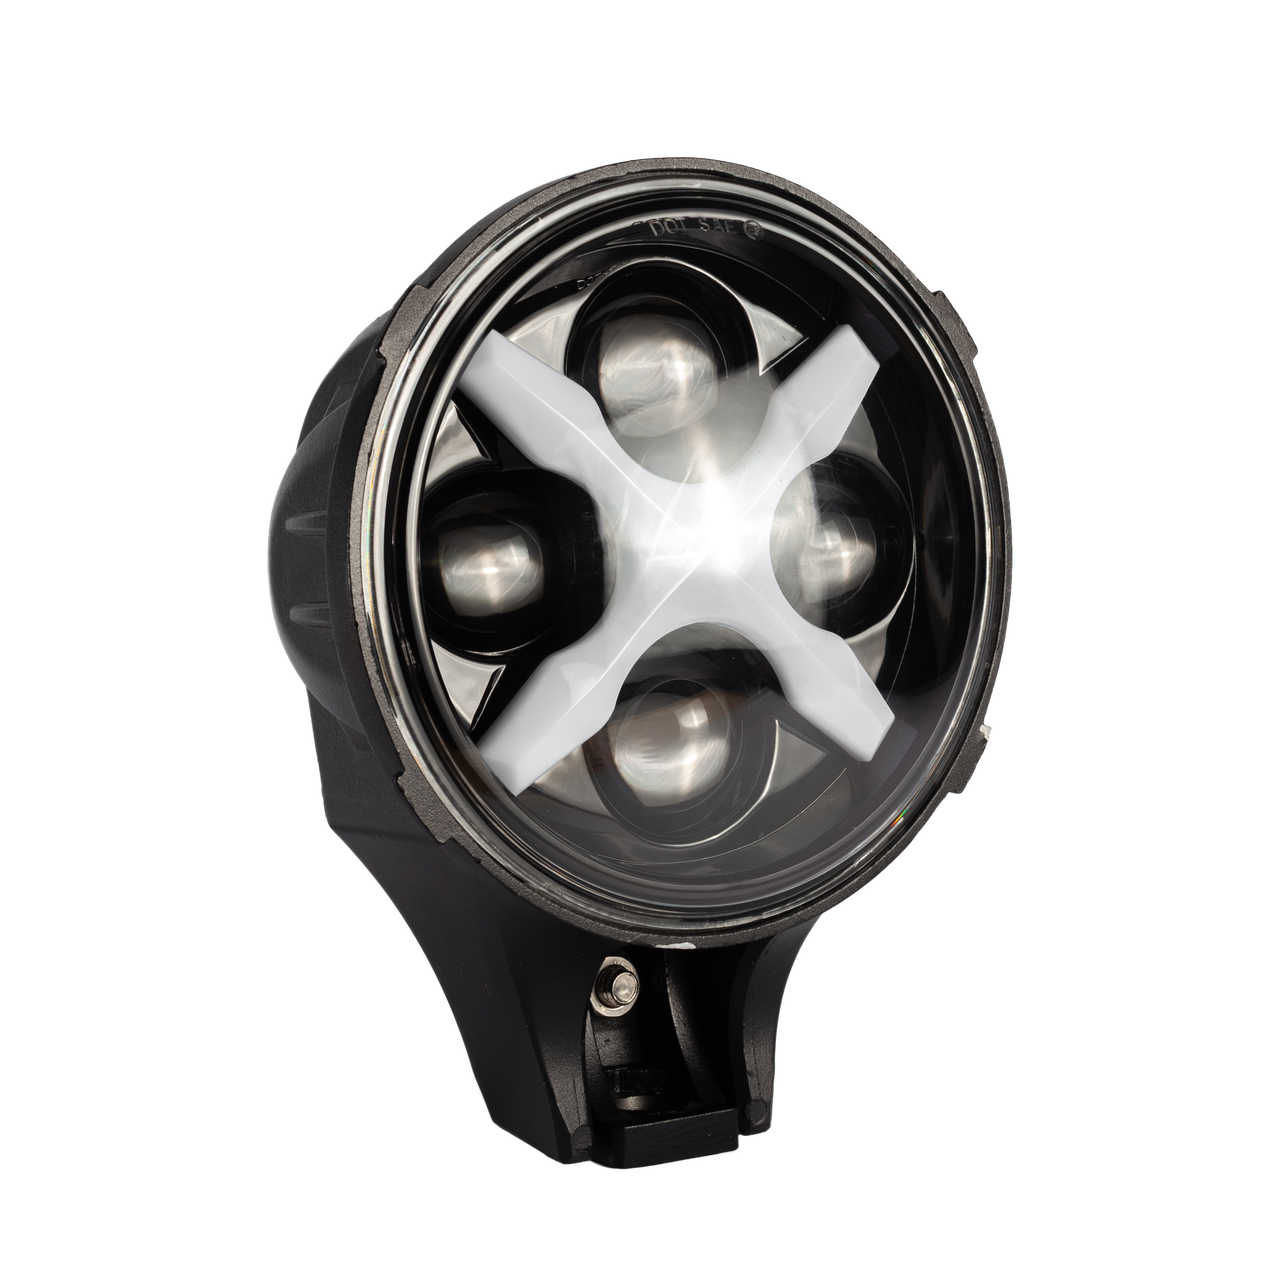 Фара LED круглая 60W 6000К (4 диода х 15W) + Х-DRL(chip CREE)(19.4 см х 12.1 х 15 см)(ближний + супер дальний)